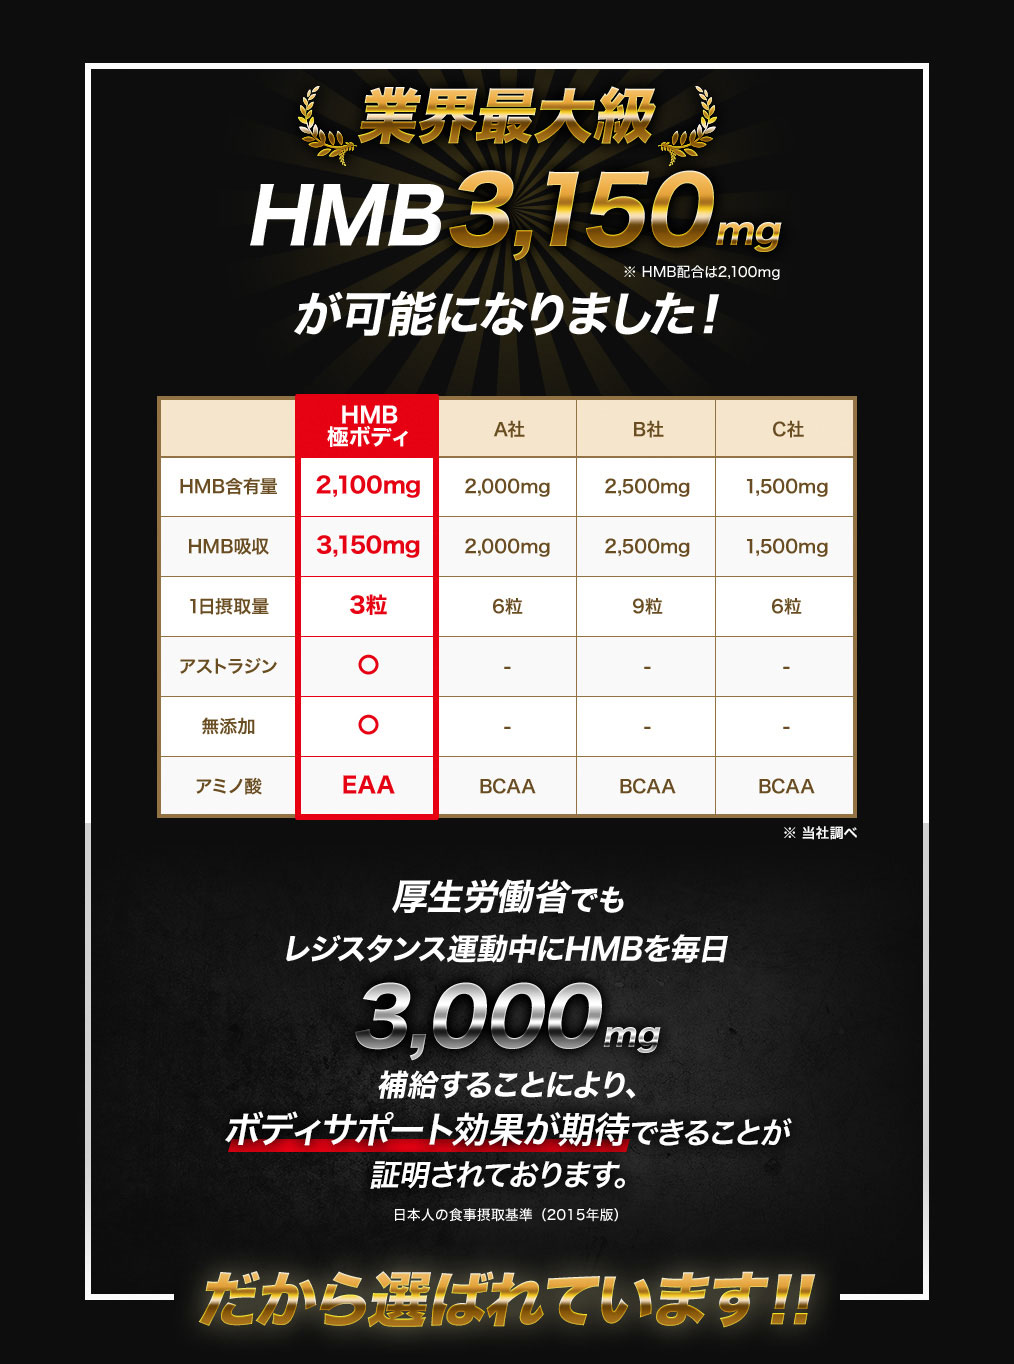 業界最大級 HMB3,150mg